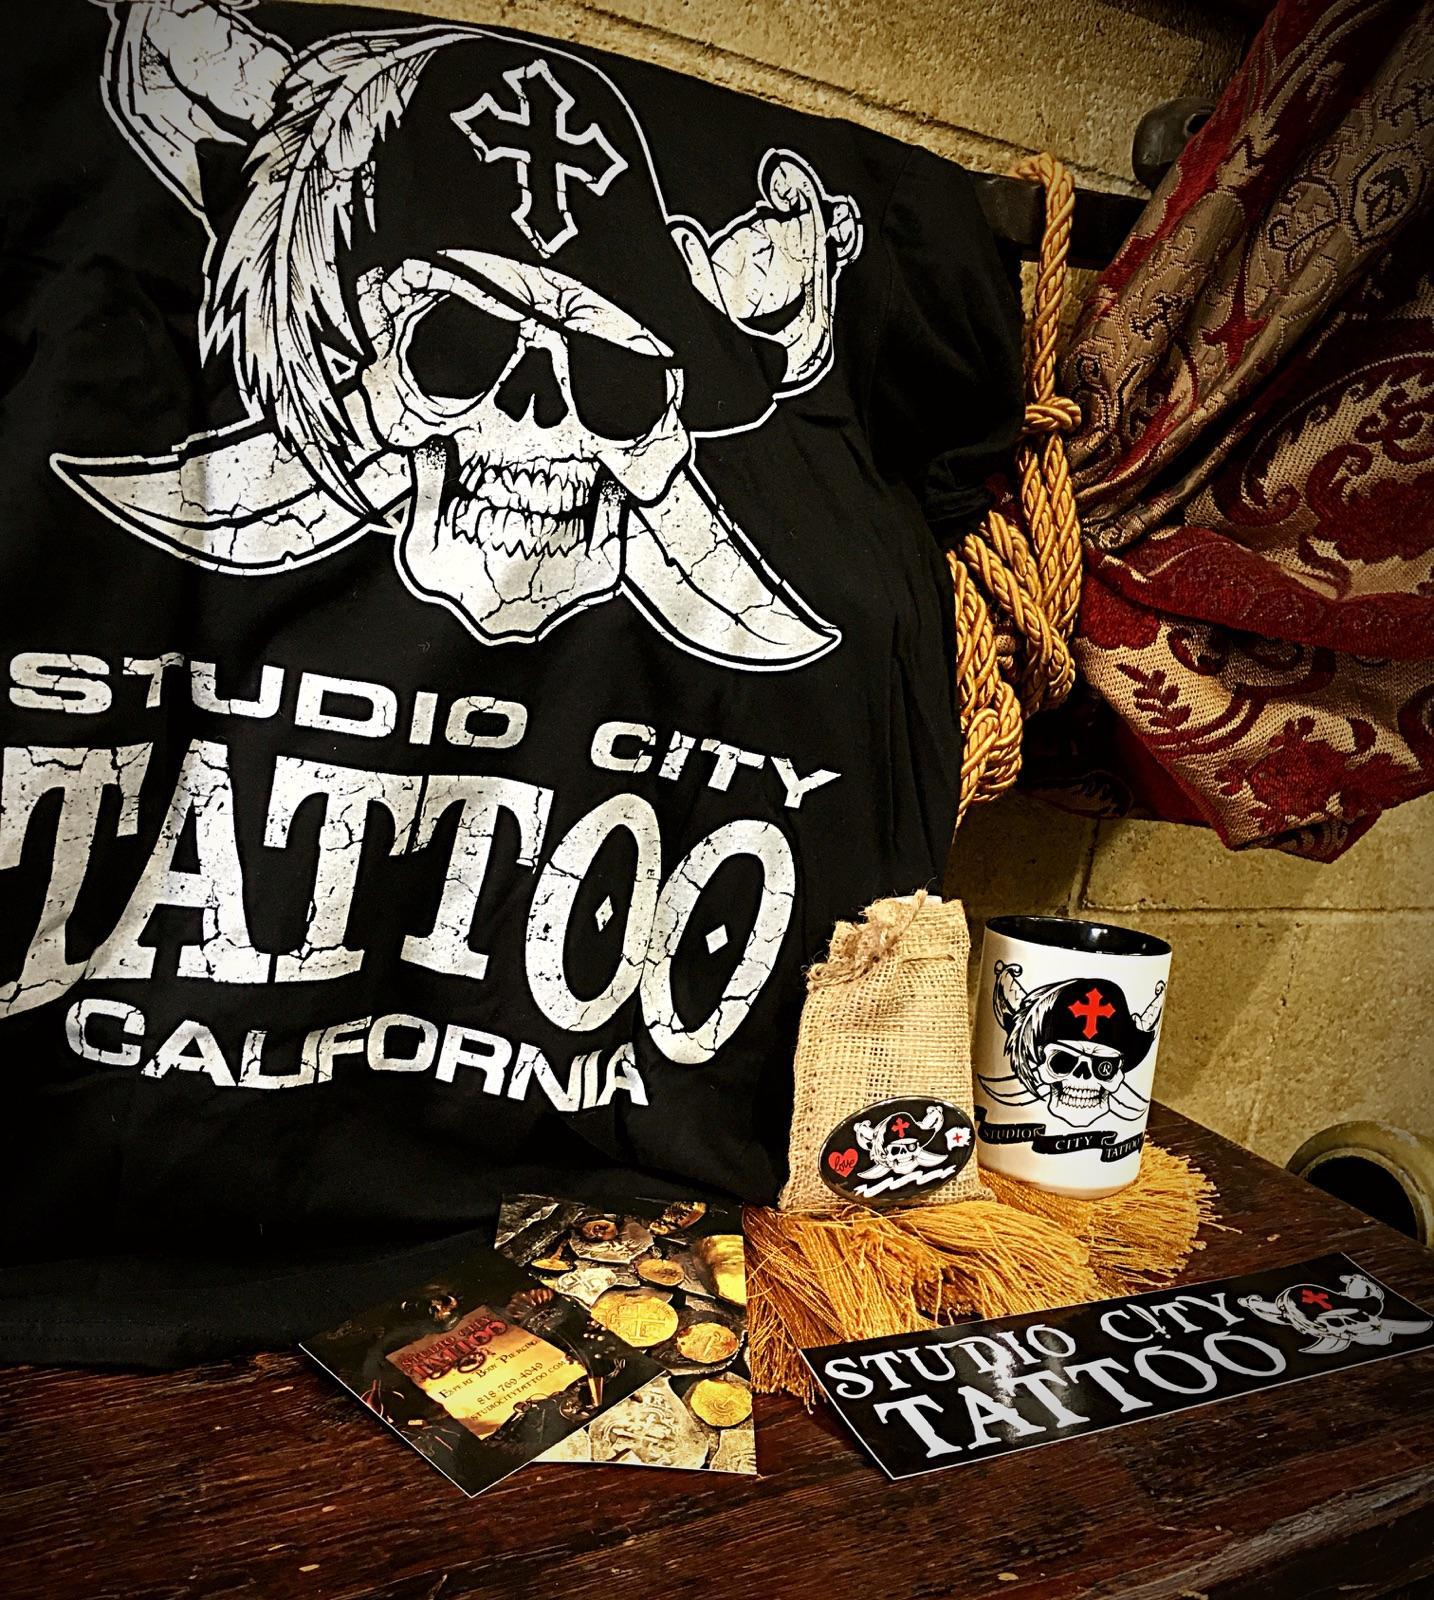 free Studio City tattoo Shirt gift certificate